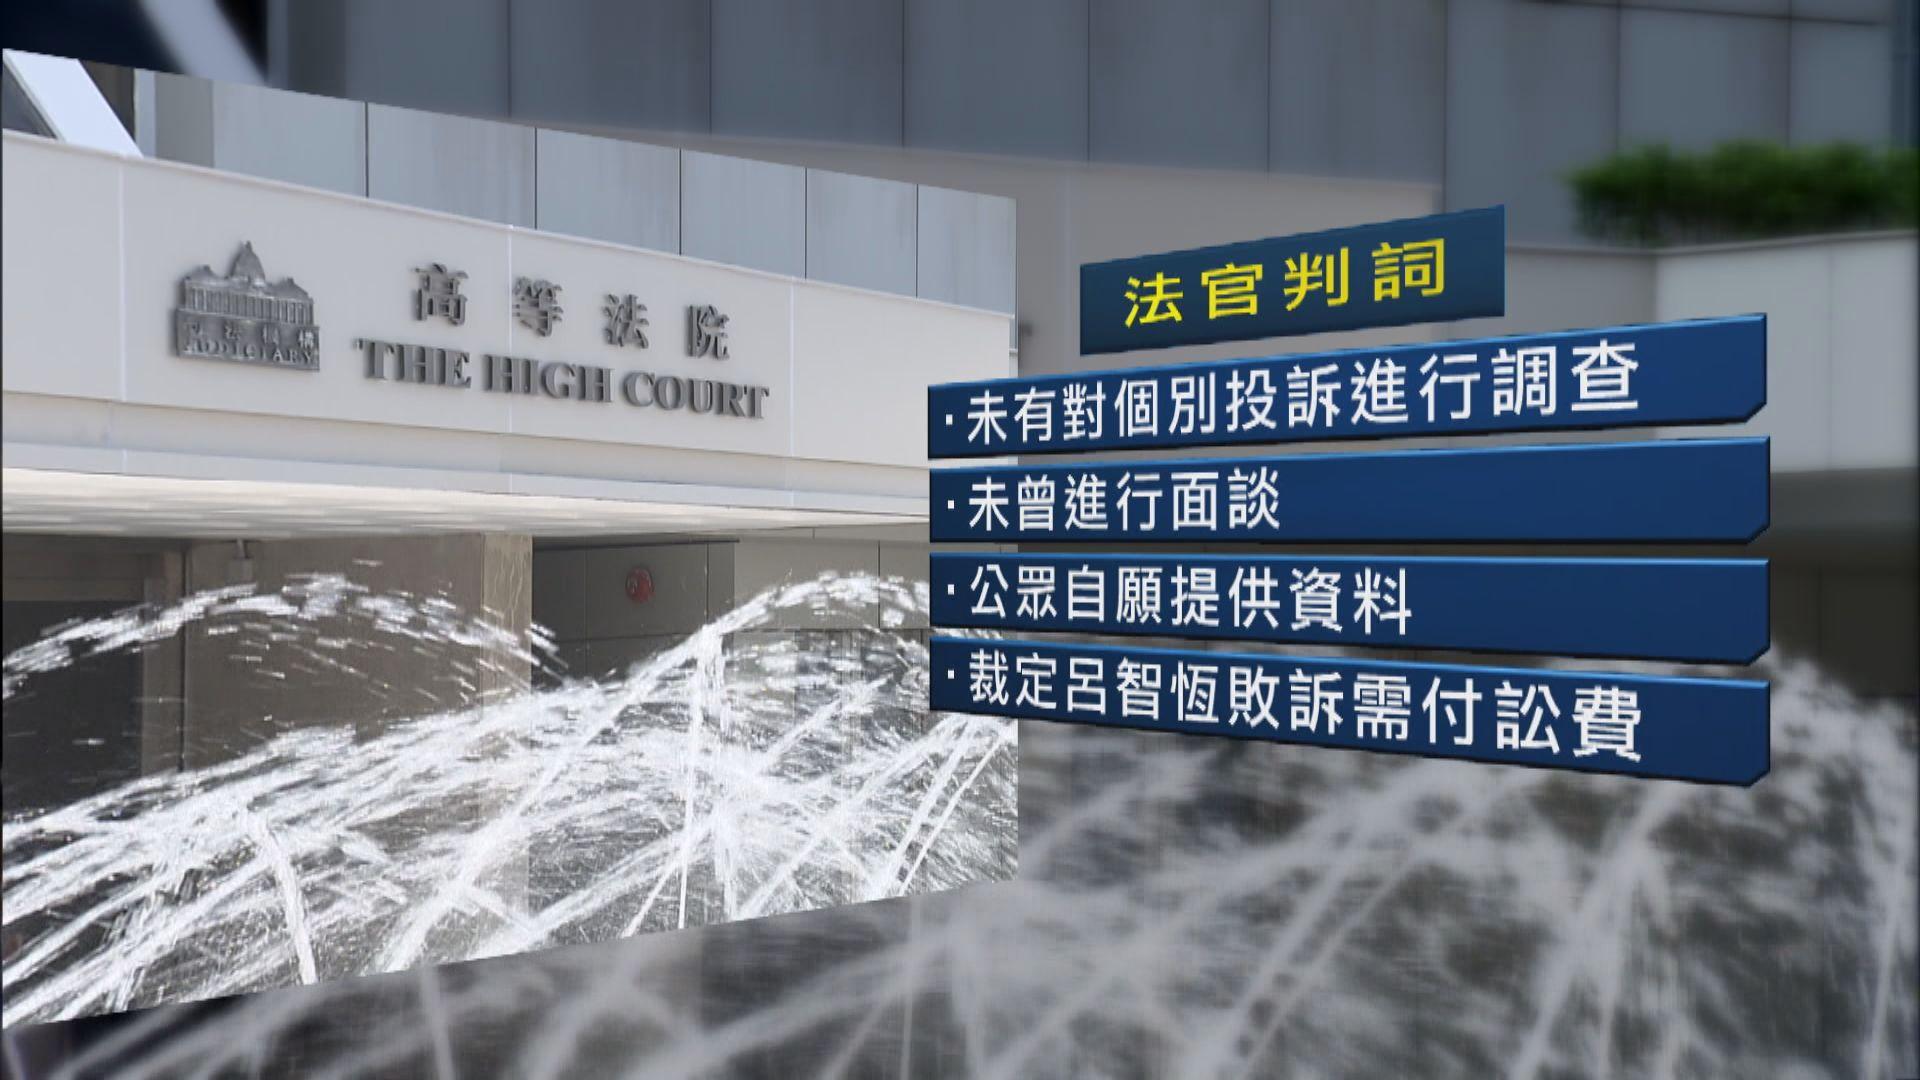 社工呂智恆提覆核質疑監警會越權敗訴要支付訟費